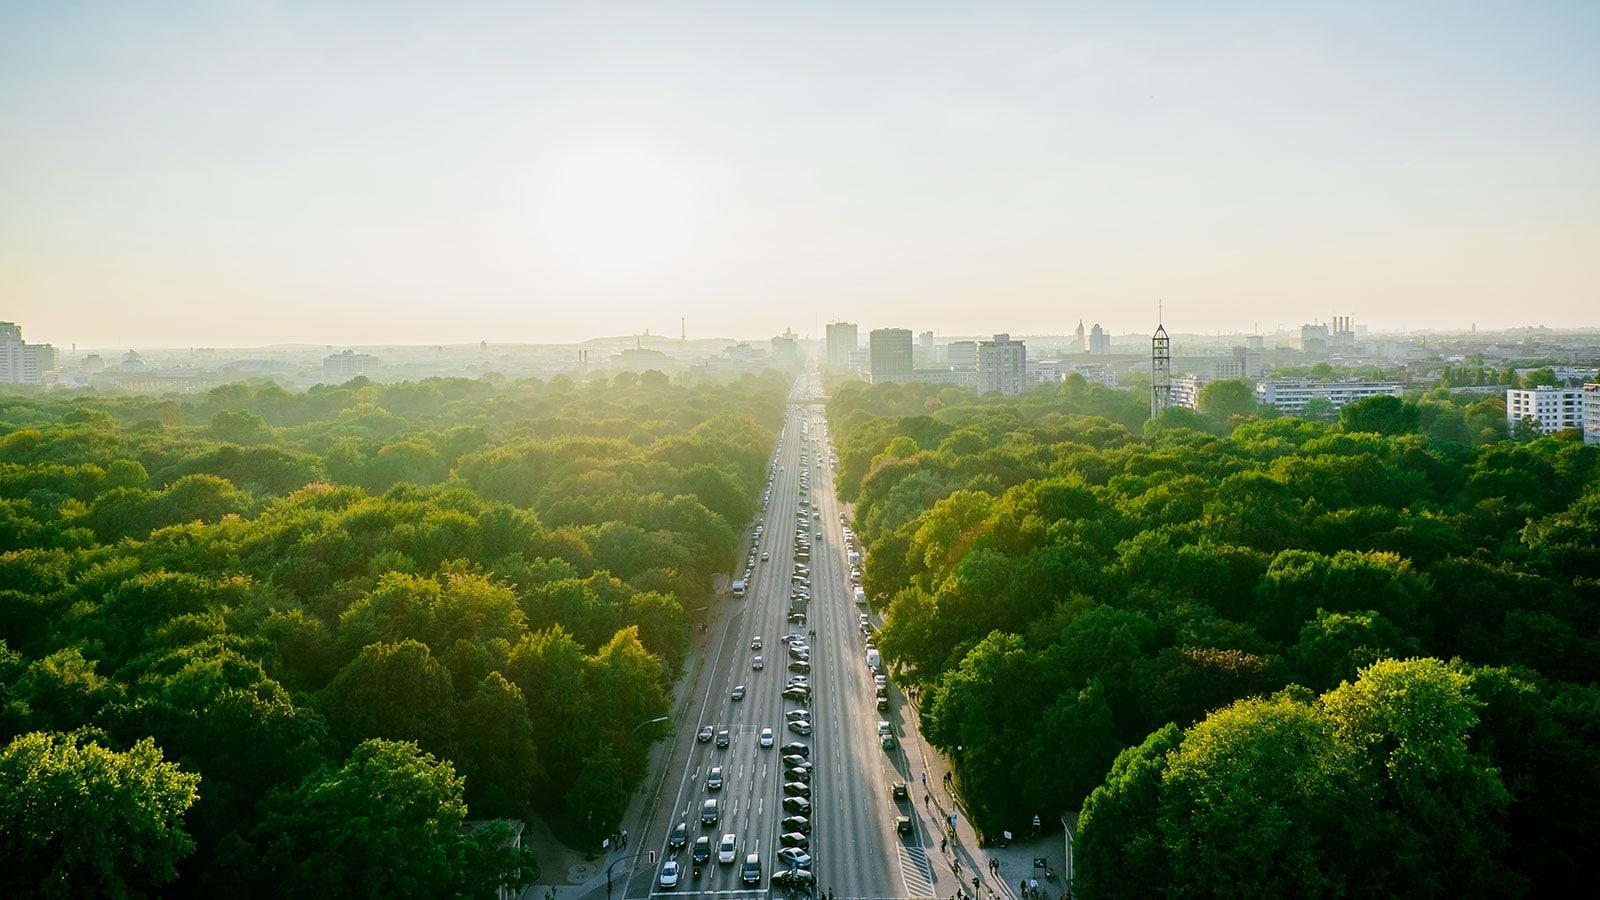 5° Reporte de Sustentabilidad 2020 de PwC Argentina